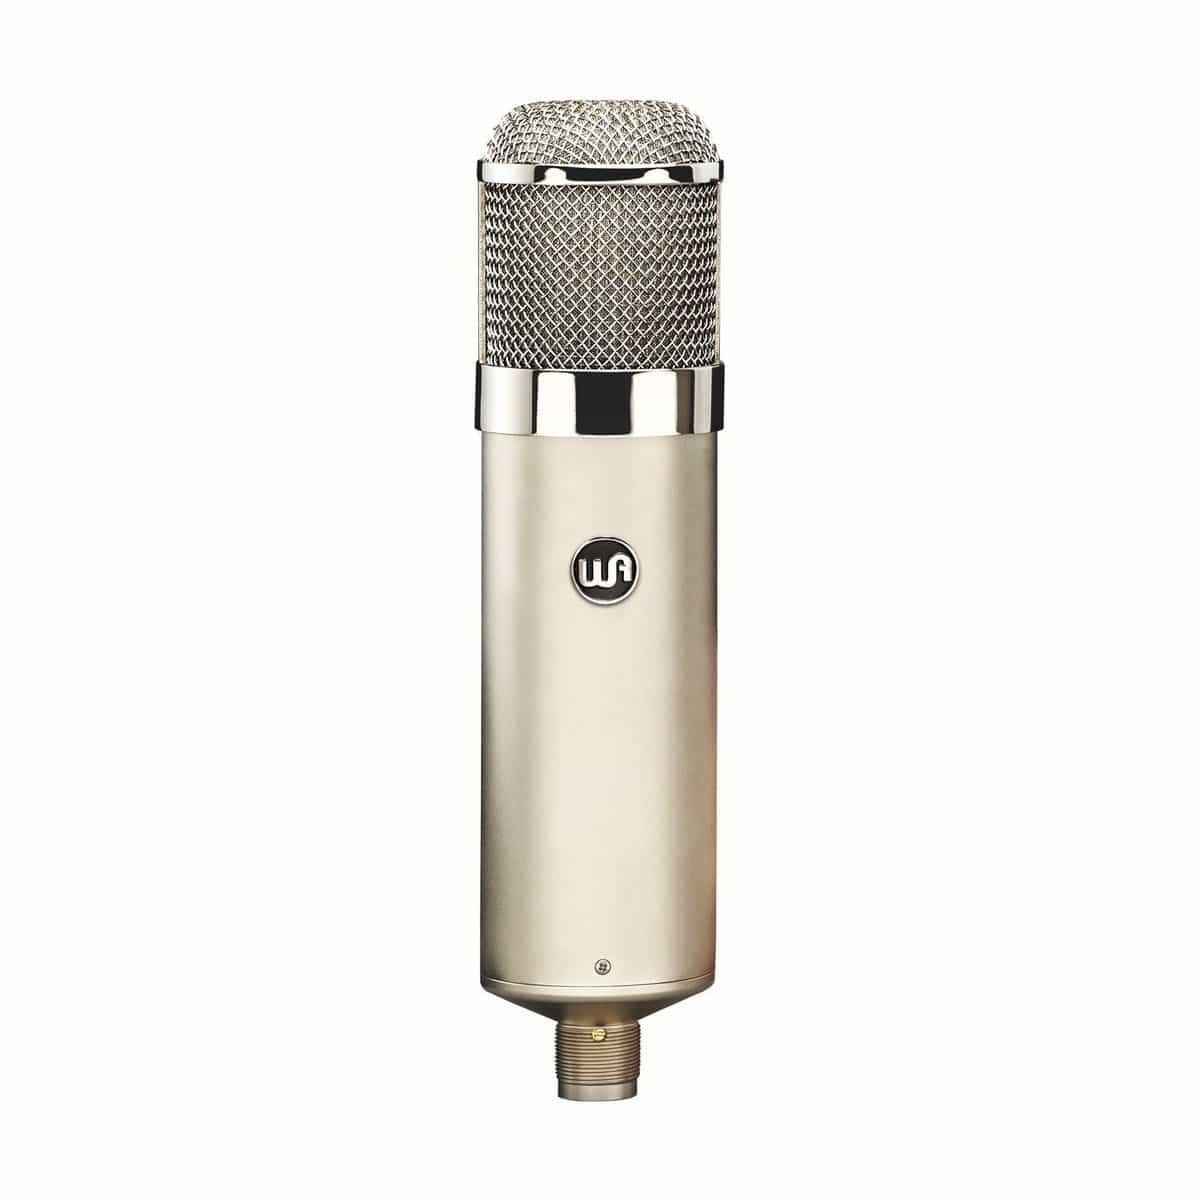 Warm Audio WA 47 01 Microfoni a Condensatore, Microfoni professionali, Strumentazioni Pro Audio per studi di registrazione